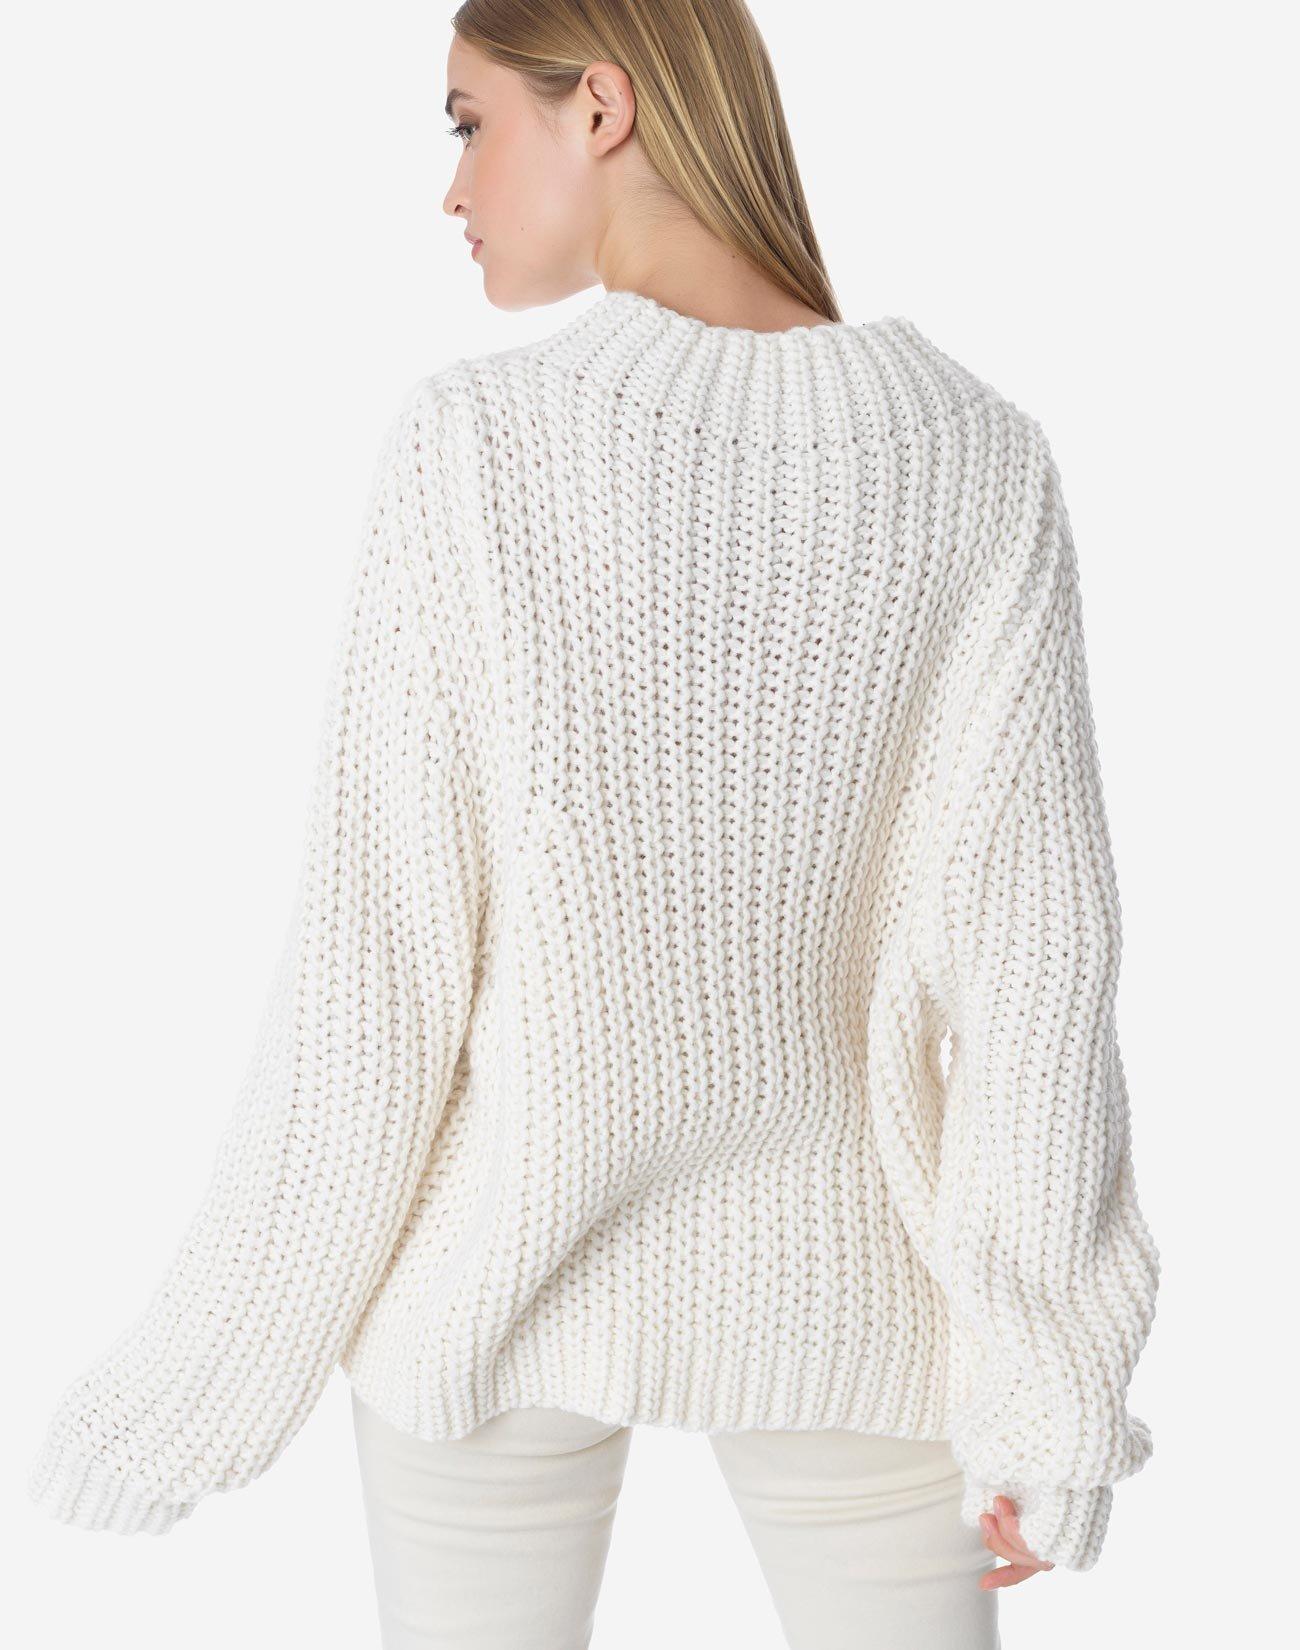 Πλεκτο πουλόβερ